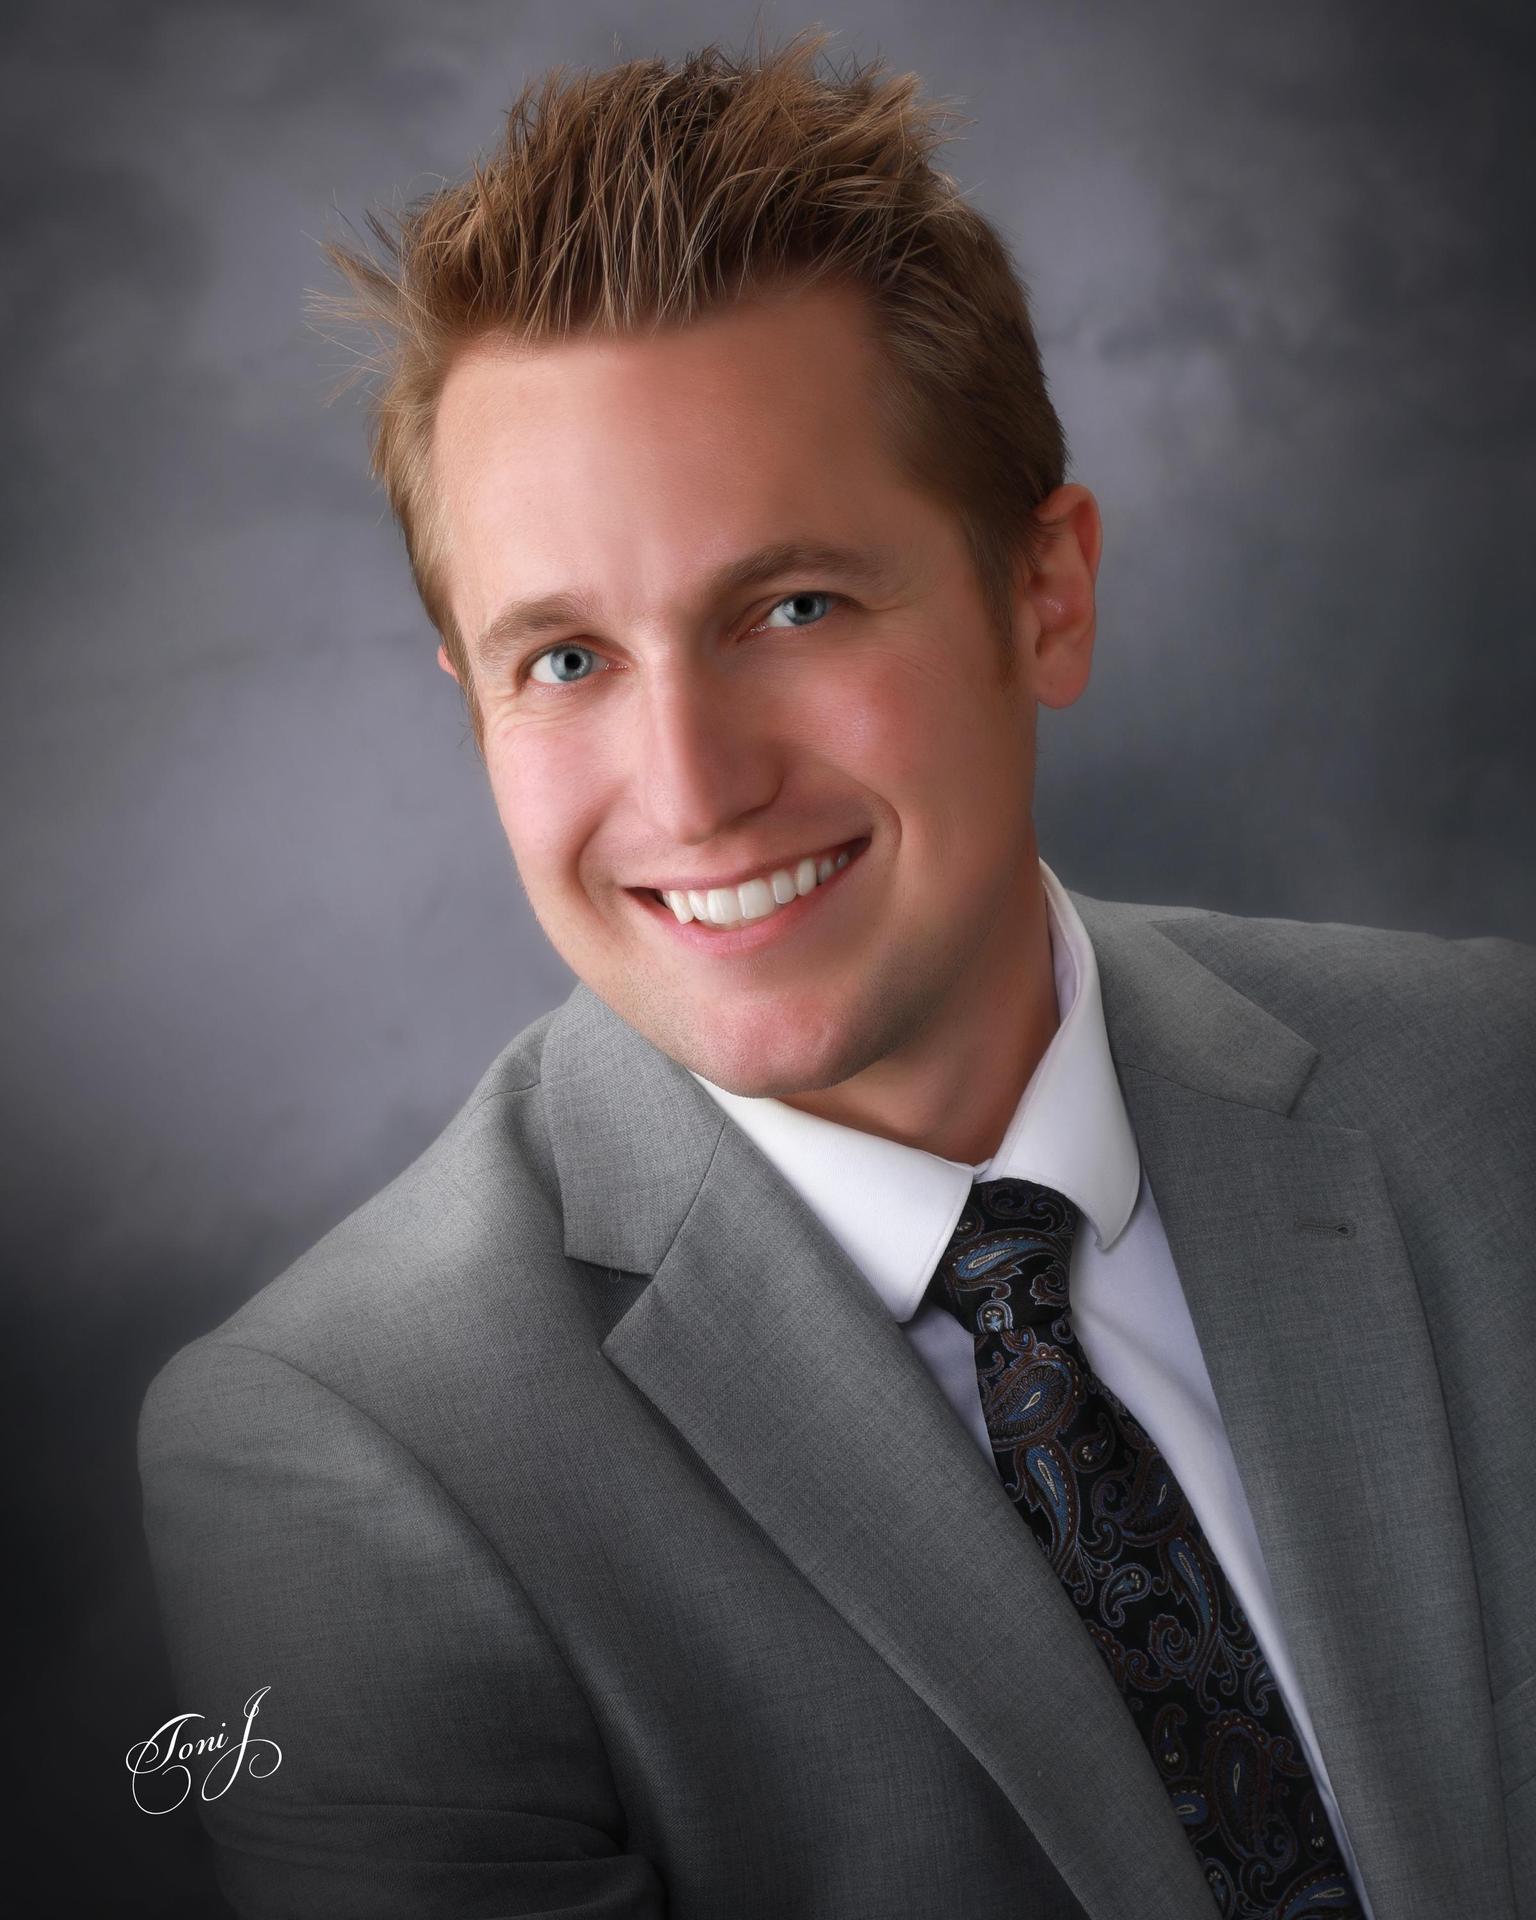 Joel Wiedrich